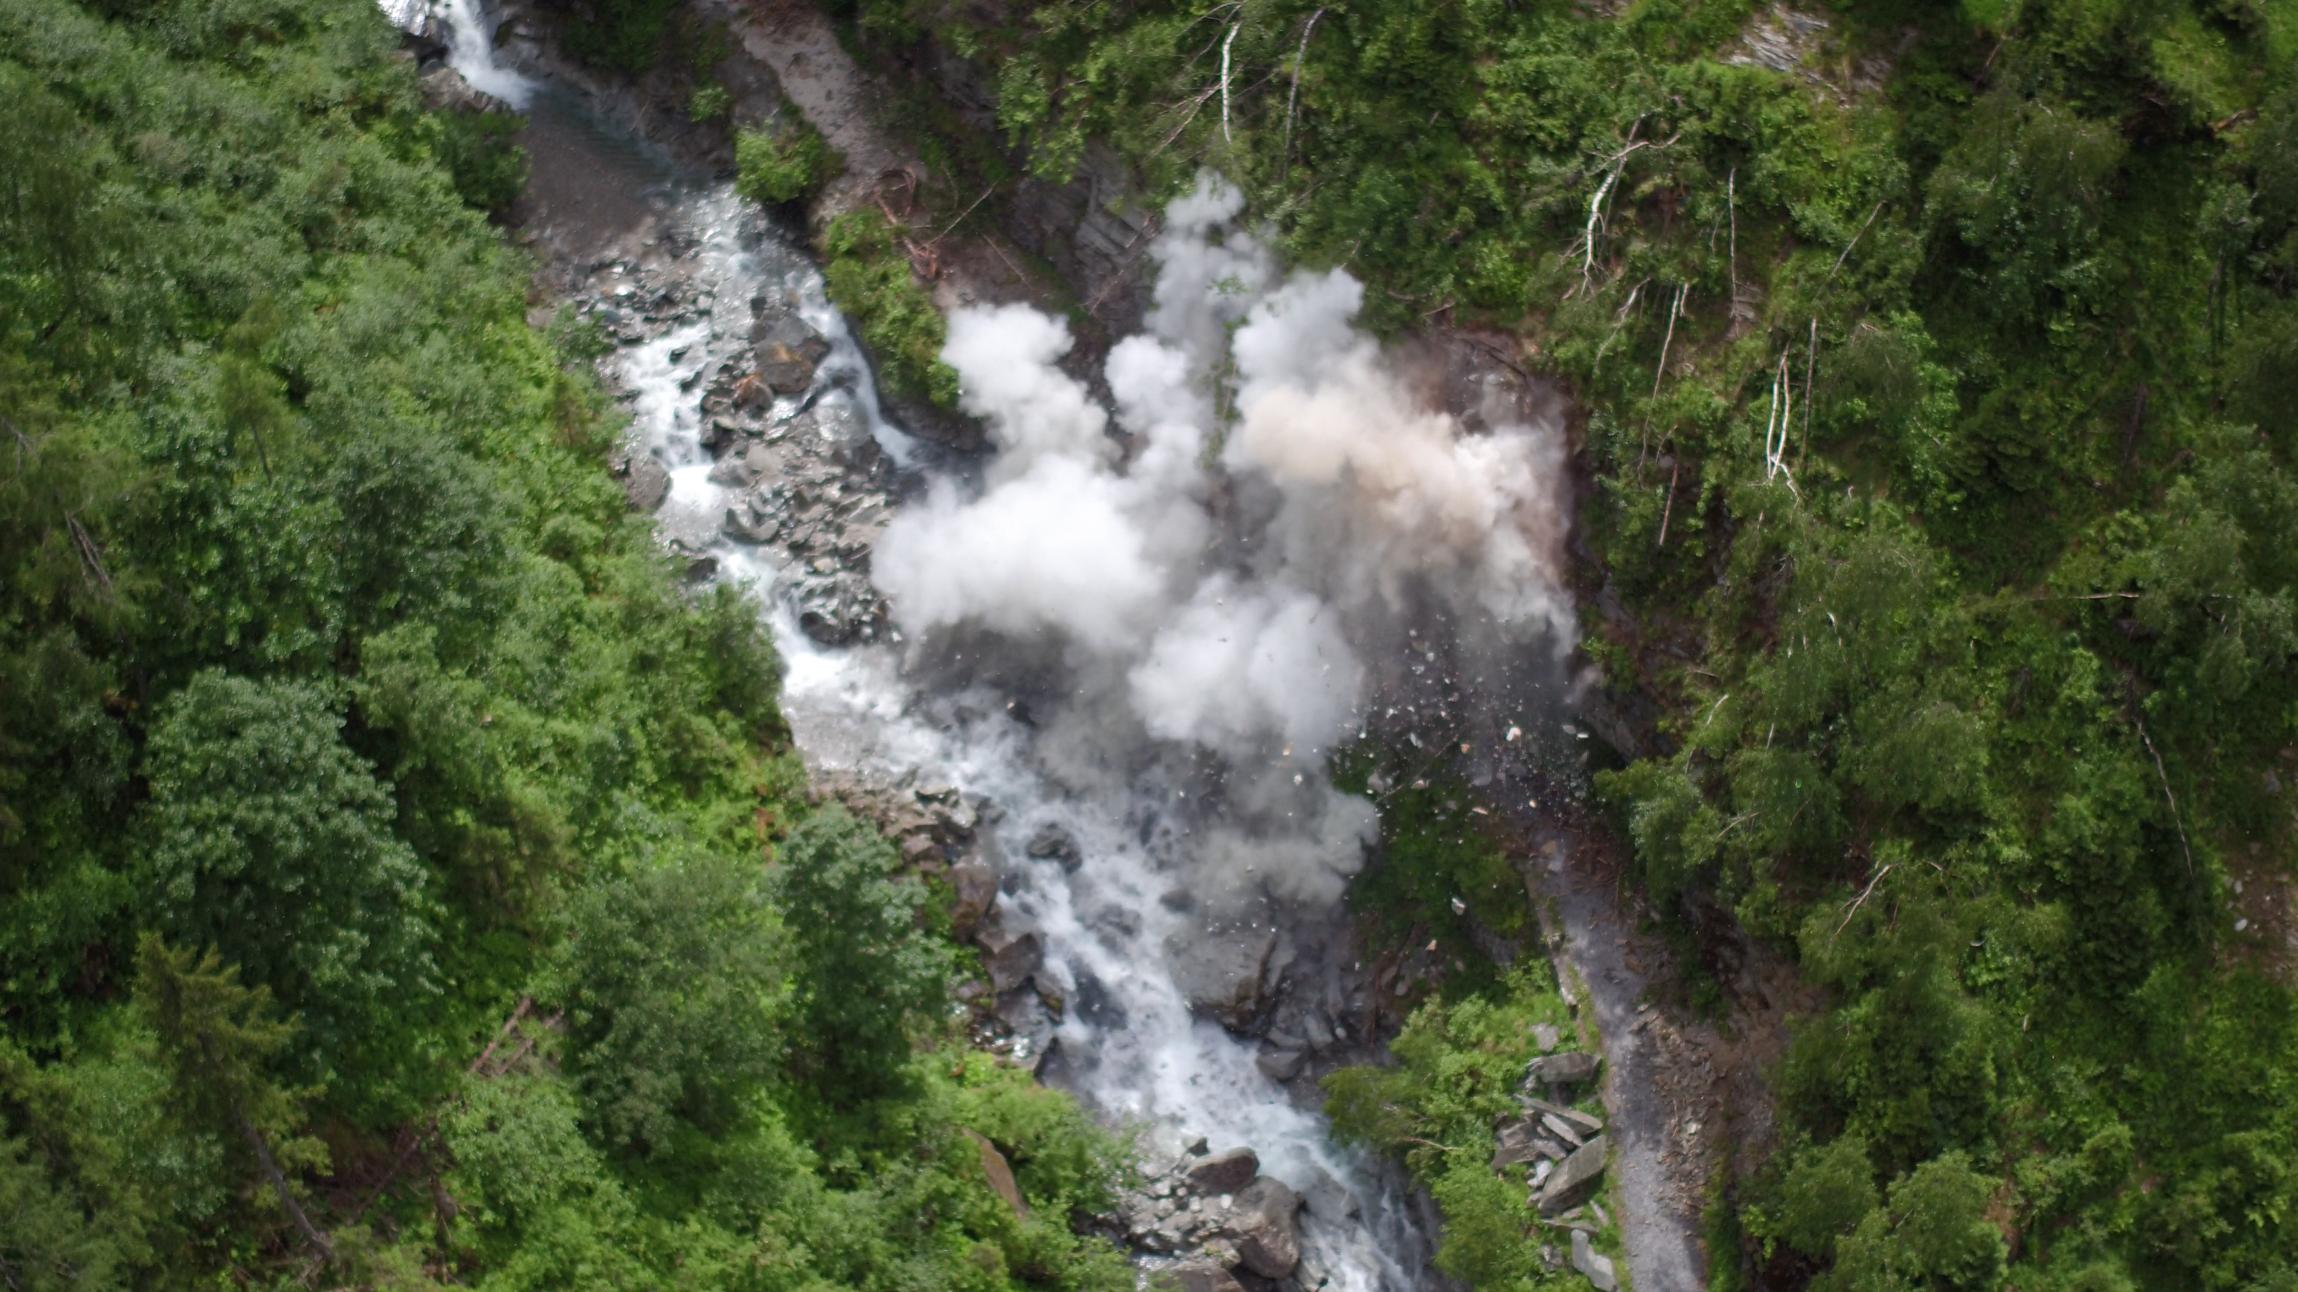 Staubwolke einer Sprengung direkt über einem Wildbach